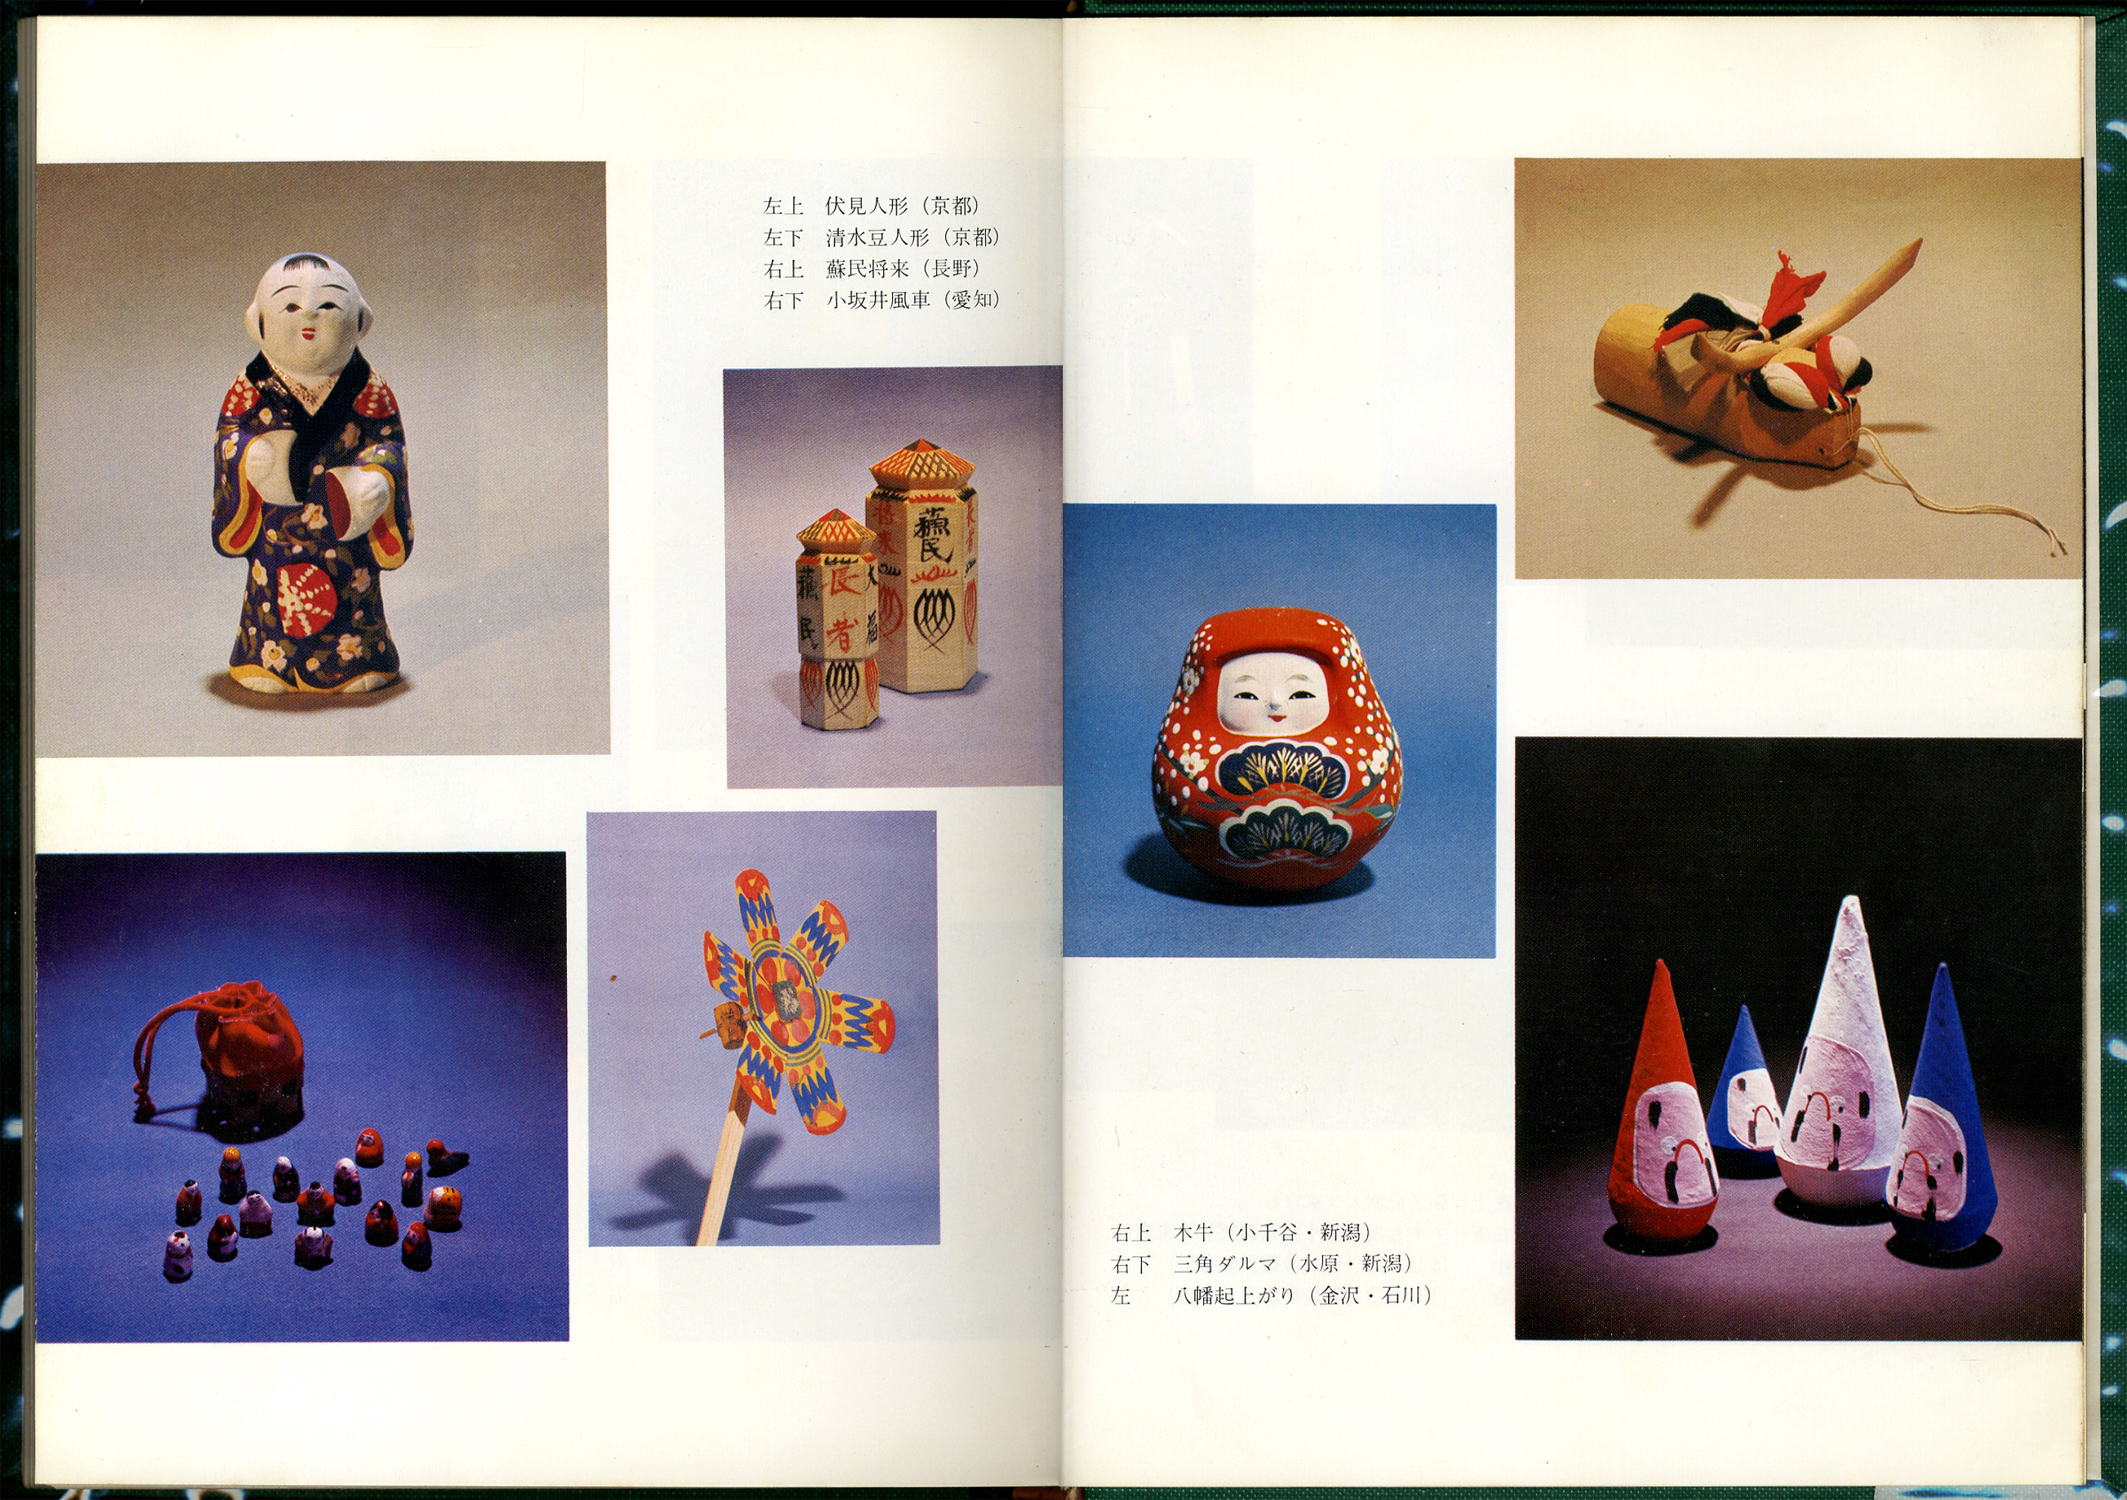 郷土玩具辞典[image3]